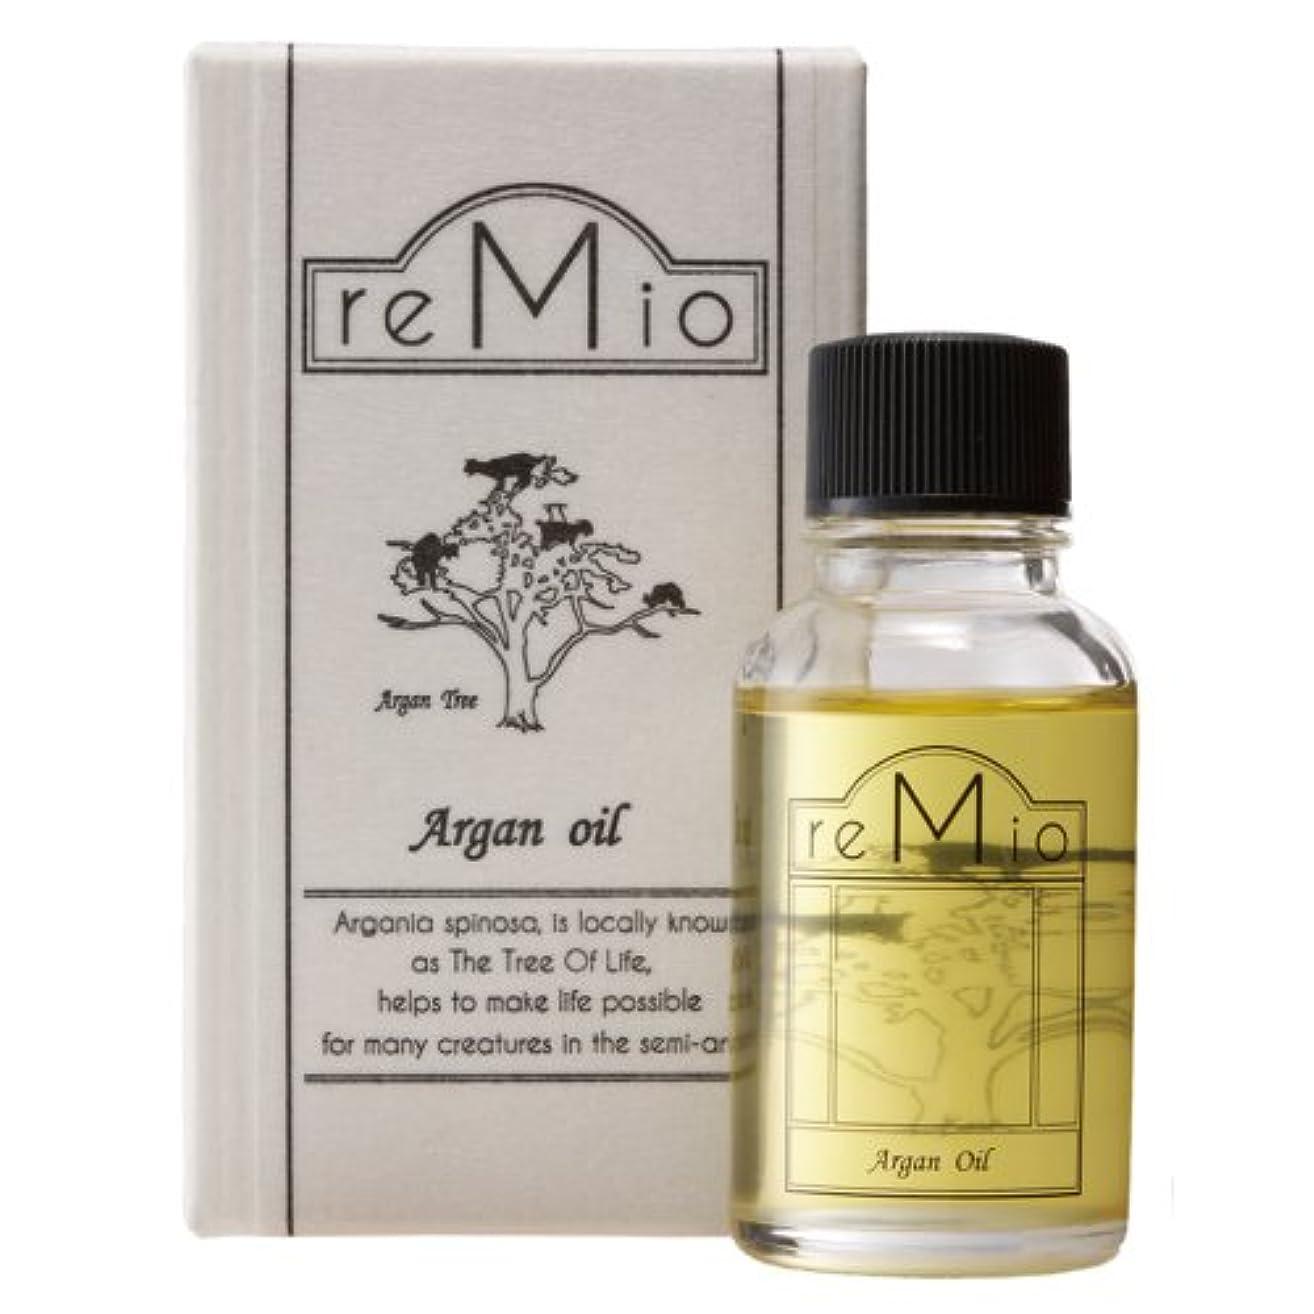 コア相反するコンパニオンレミオ(REMIO) オーガニックアルガンオイル